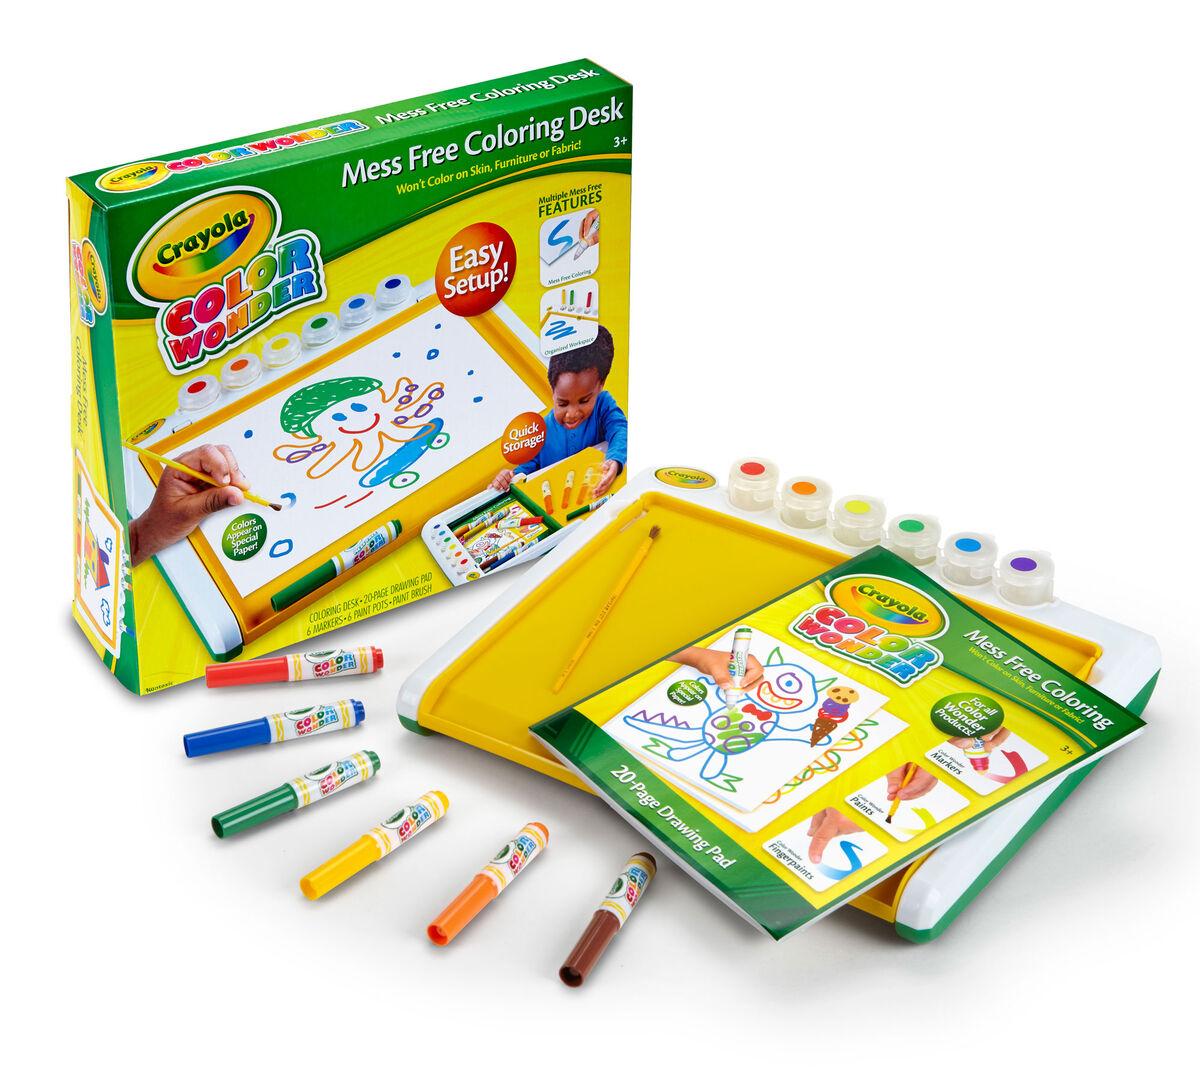 Co color painting games - Co Color Art Games Color Wonder Mess Free Art Desk